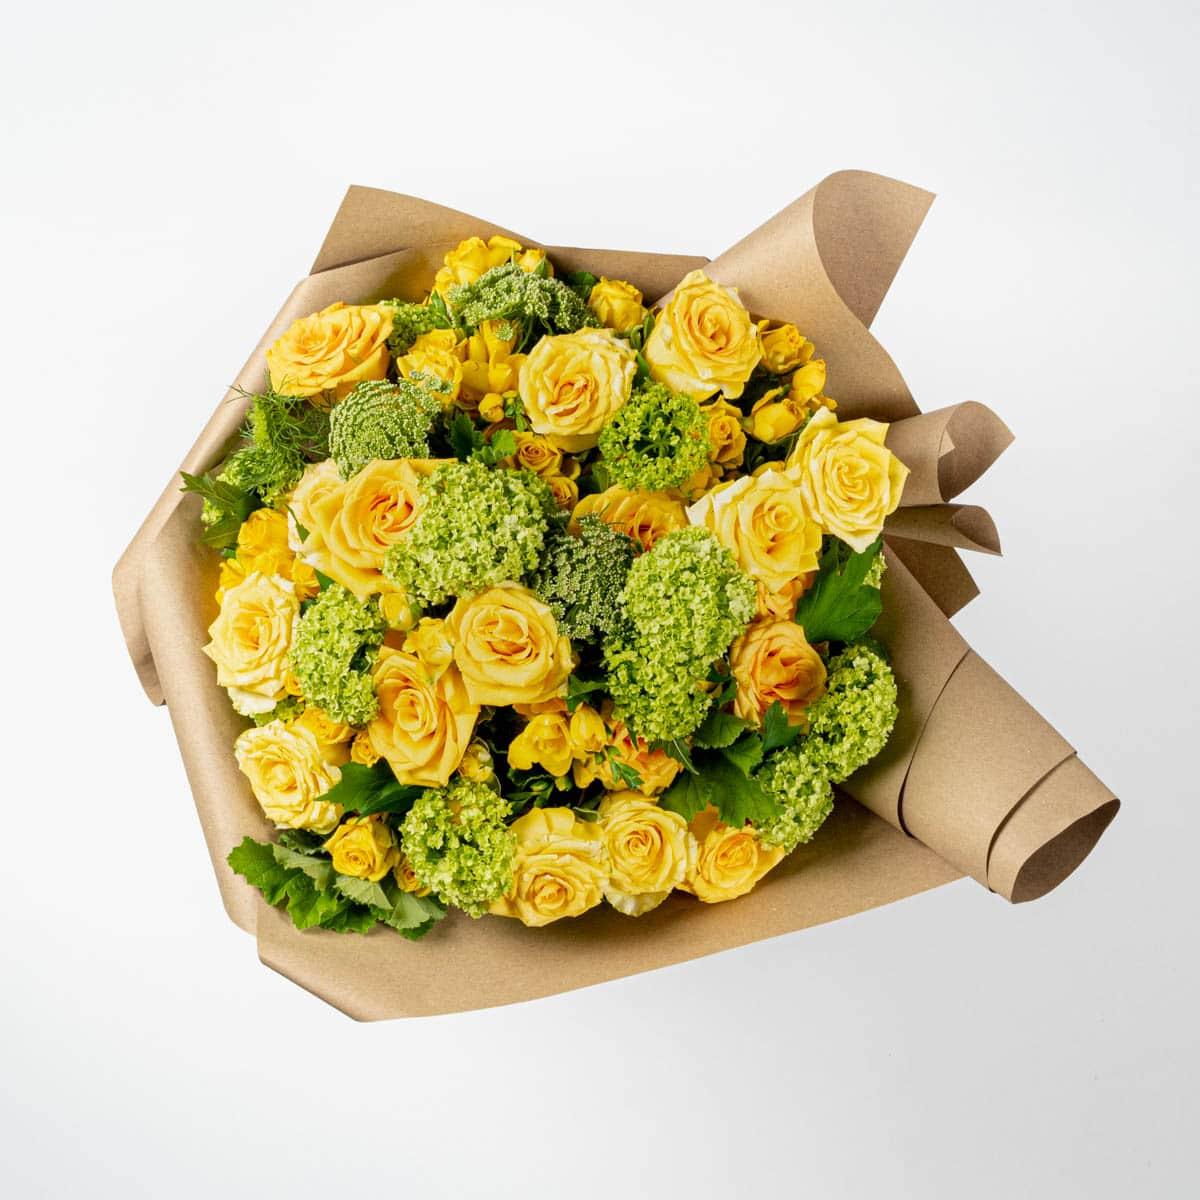 Bloom Flower Delivery | True Friendship Bouquet